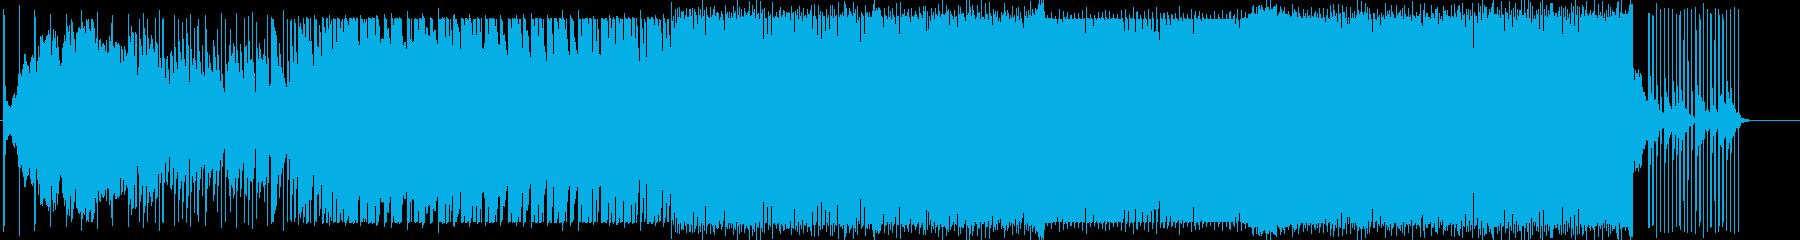 ミステリアスな雰囲気のミニマルの再生済みの波形